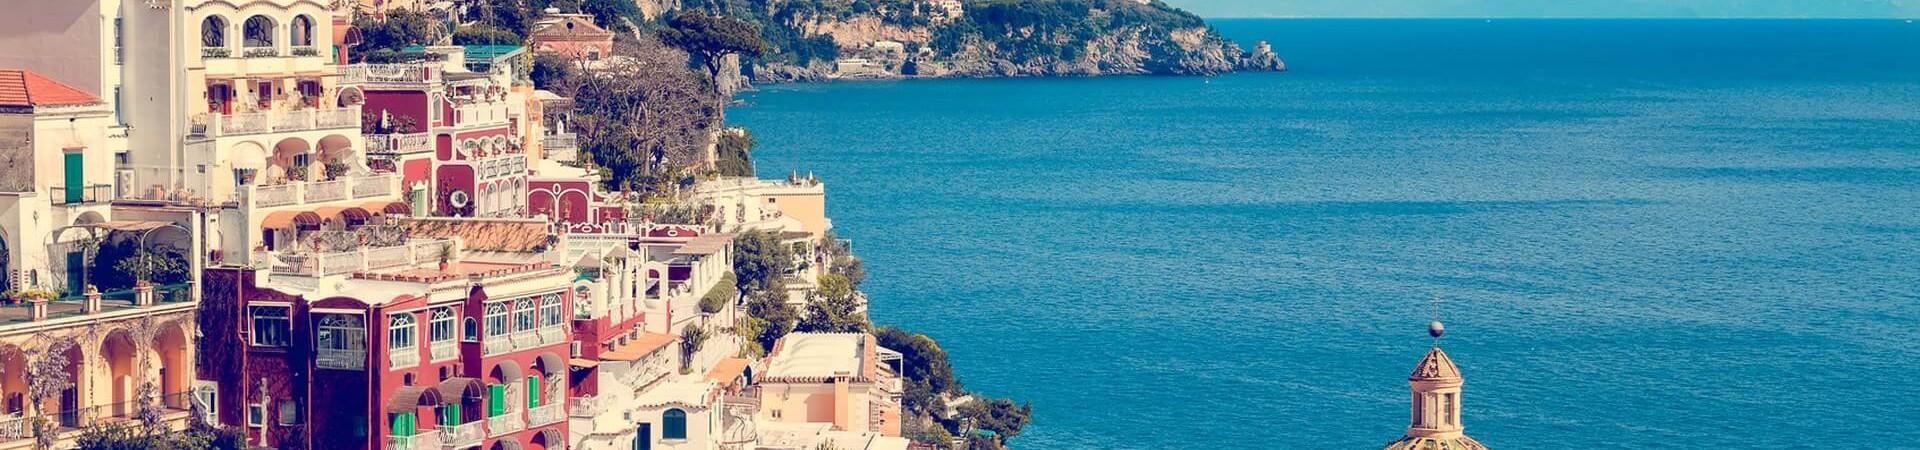 Włochy Positano